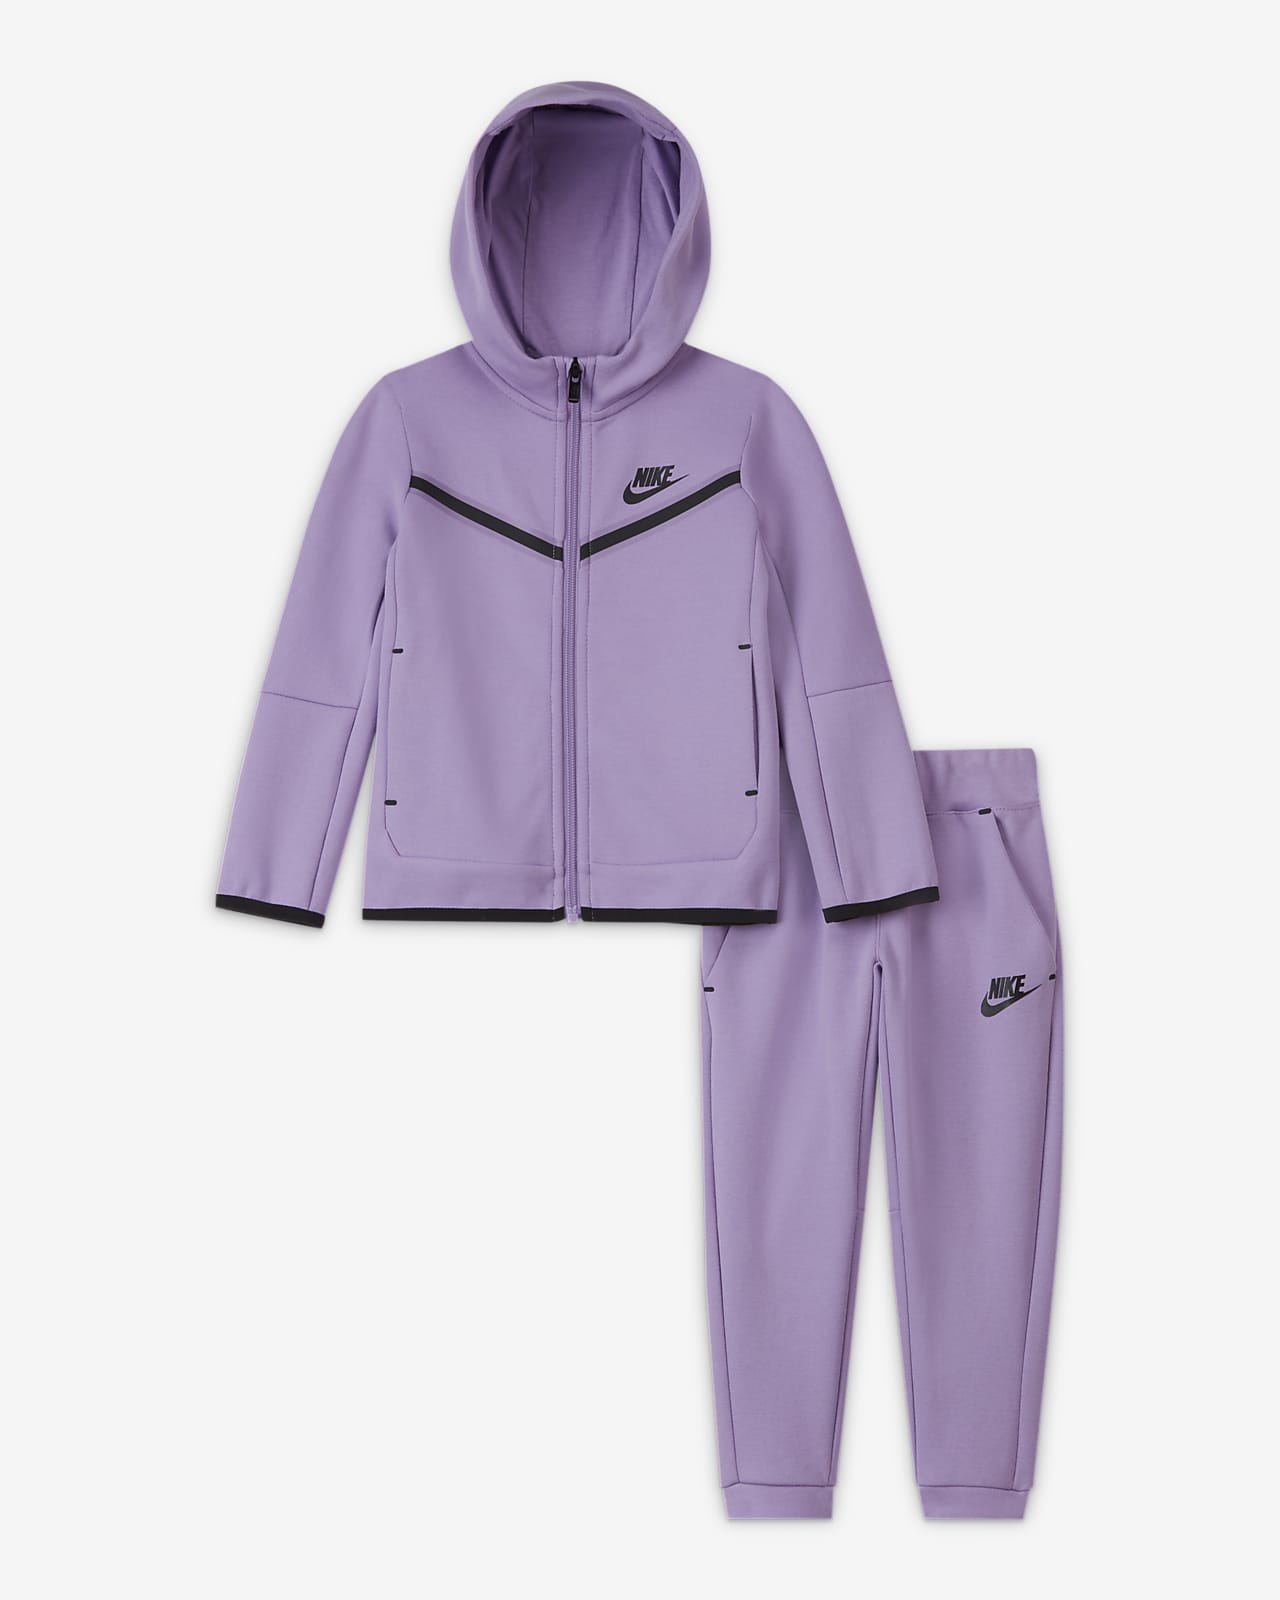 Nike Sportsweear Tech Fleece-sæt med hættetrøje og bukser til mindre børn